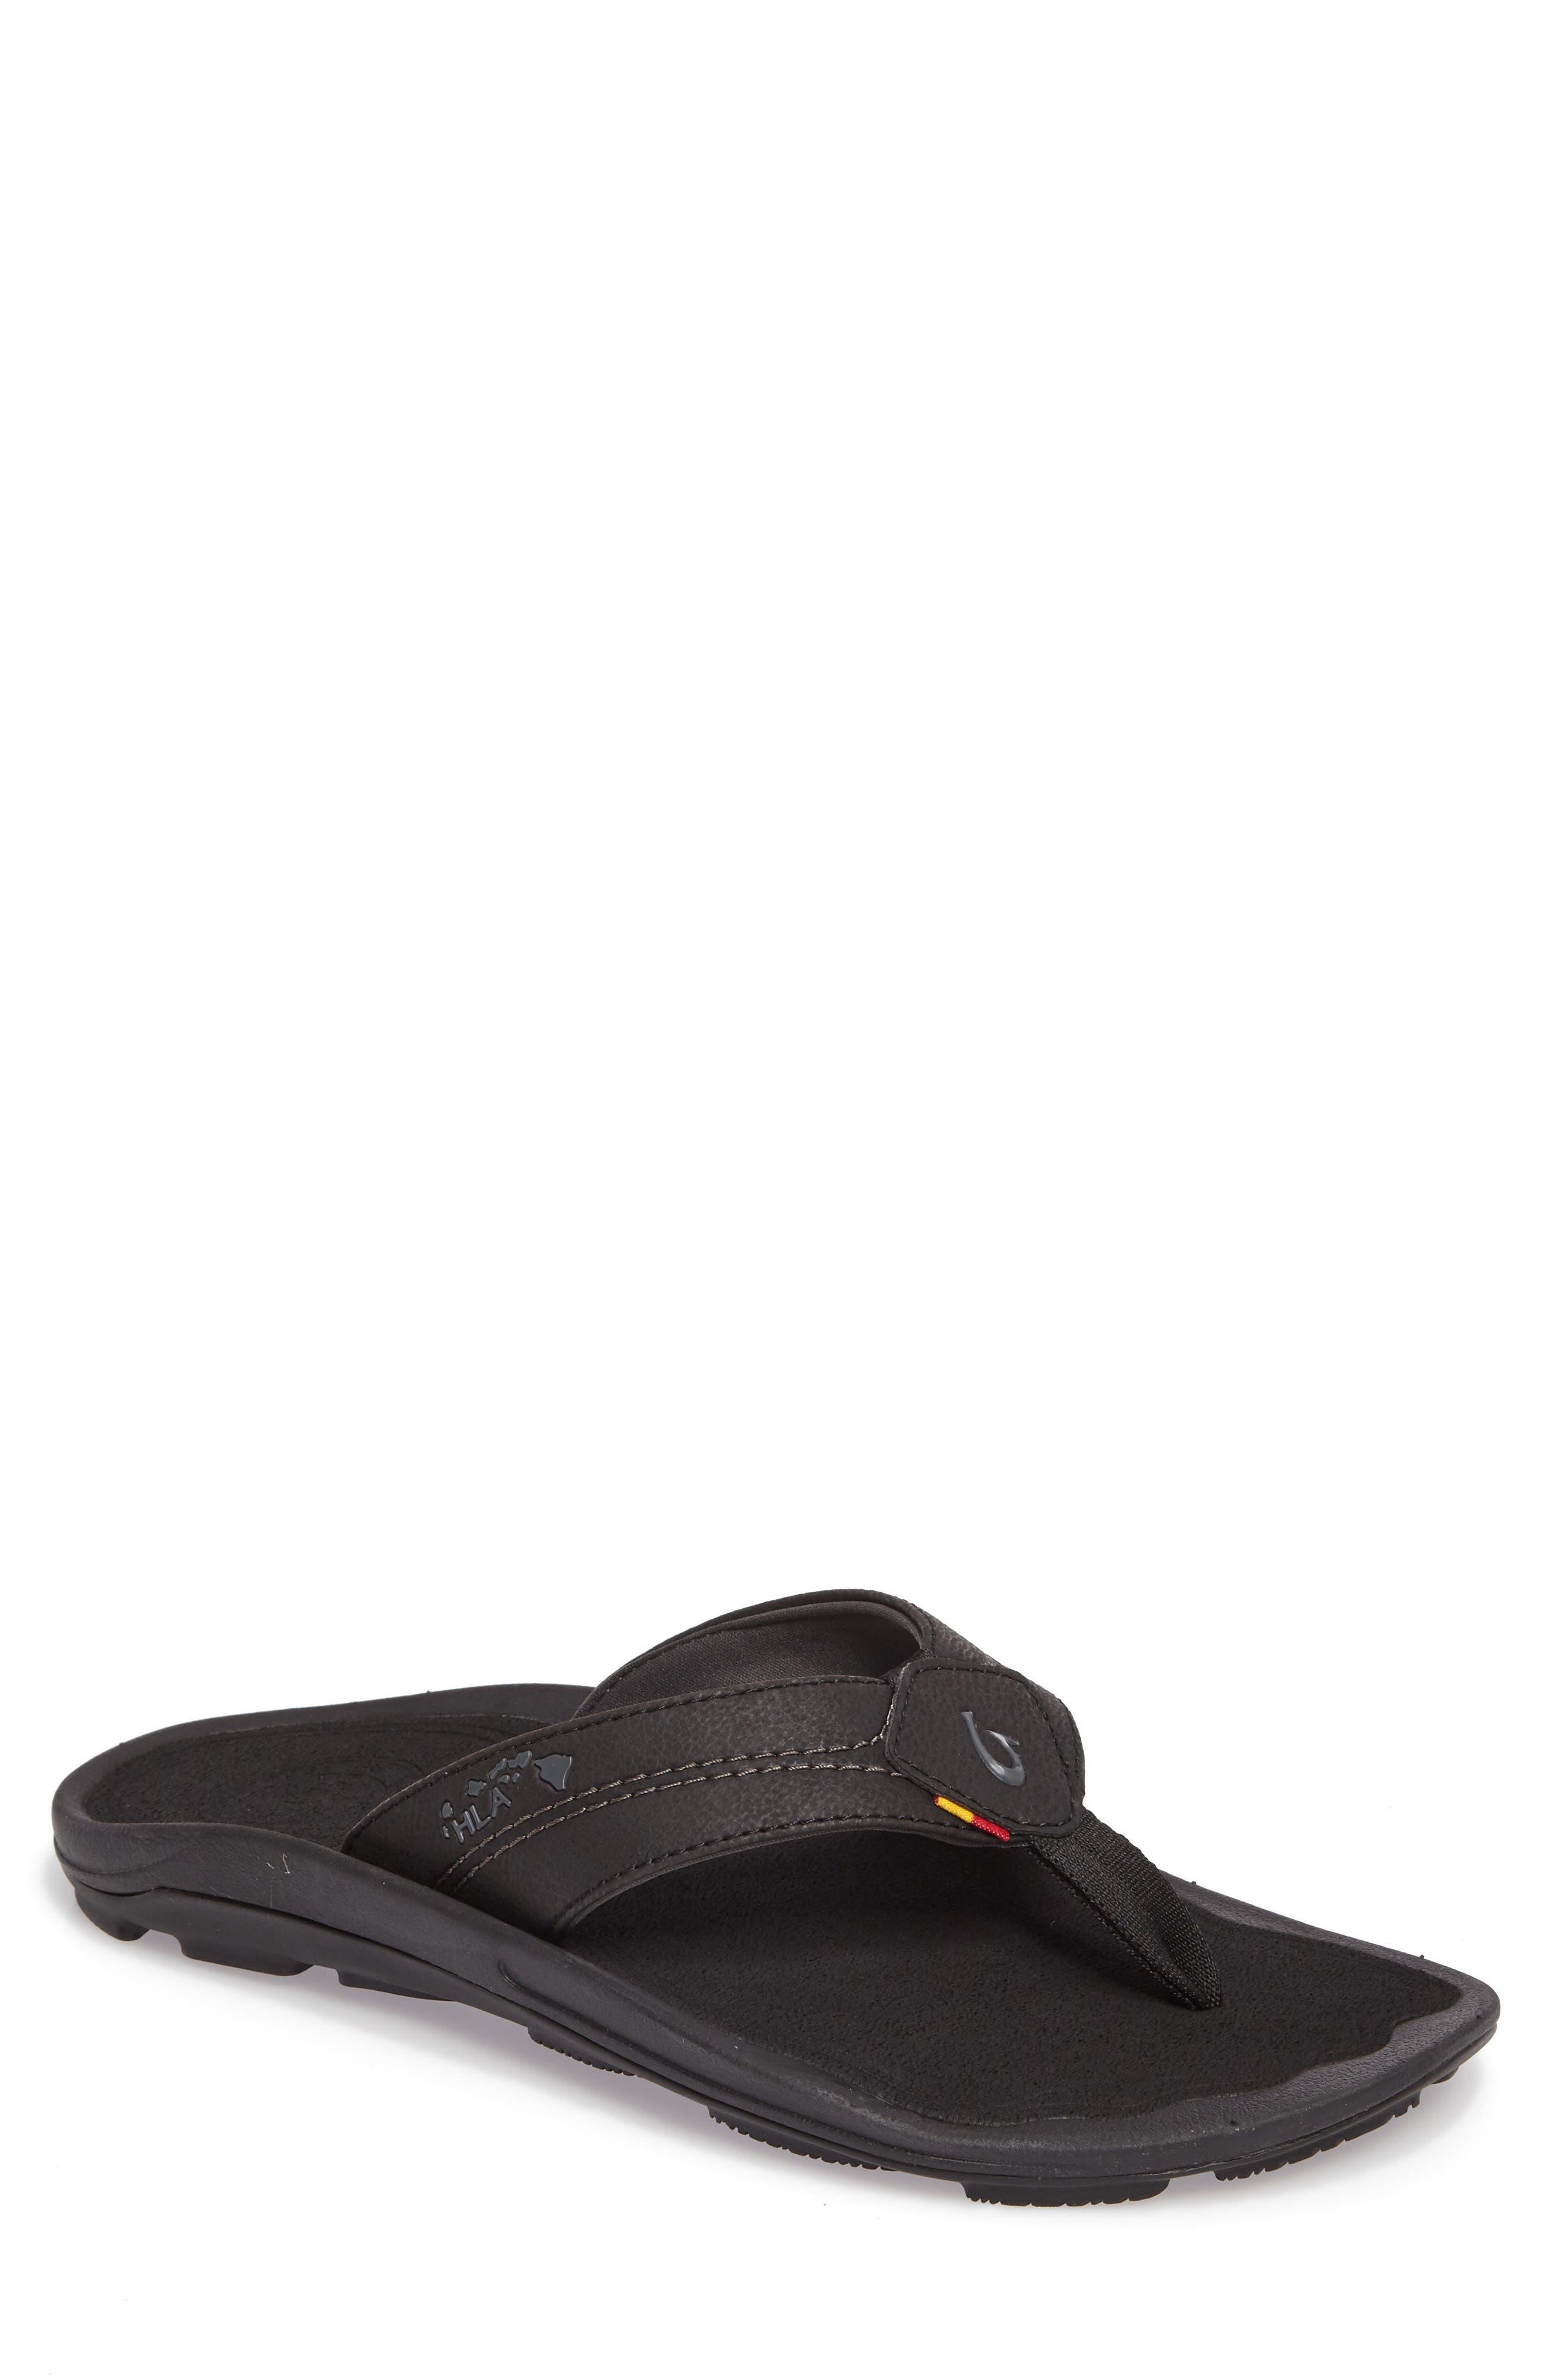 Kipi Flip Flop,                         Main,                         color, BLACK/ BLACK